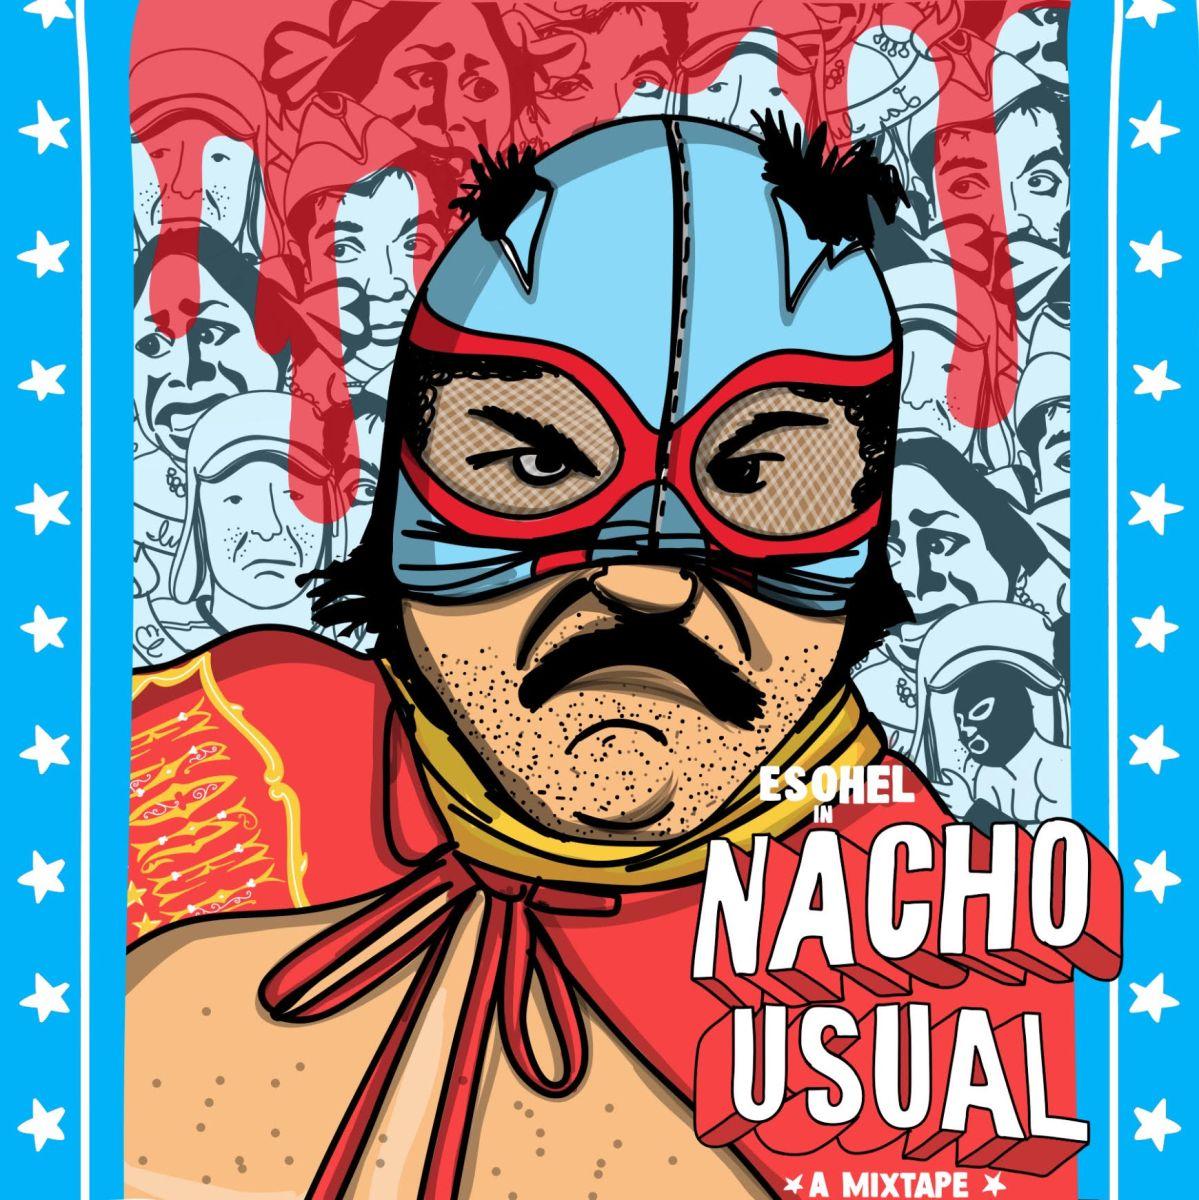 New Mixtape: Esohel - 'Nacho Usual'